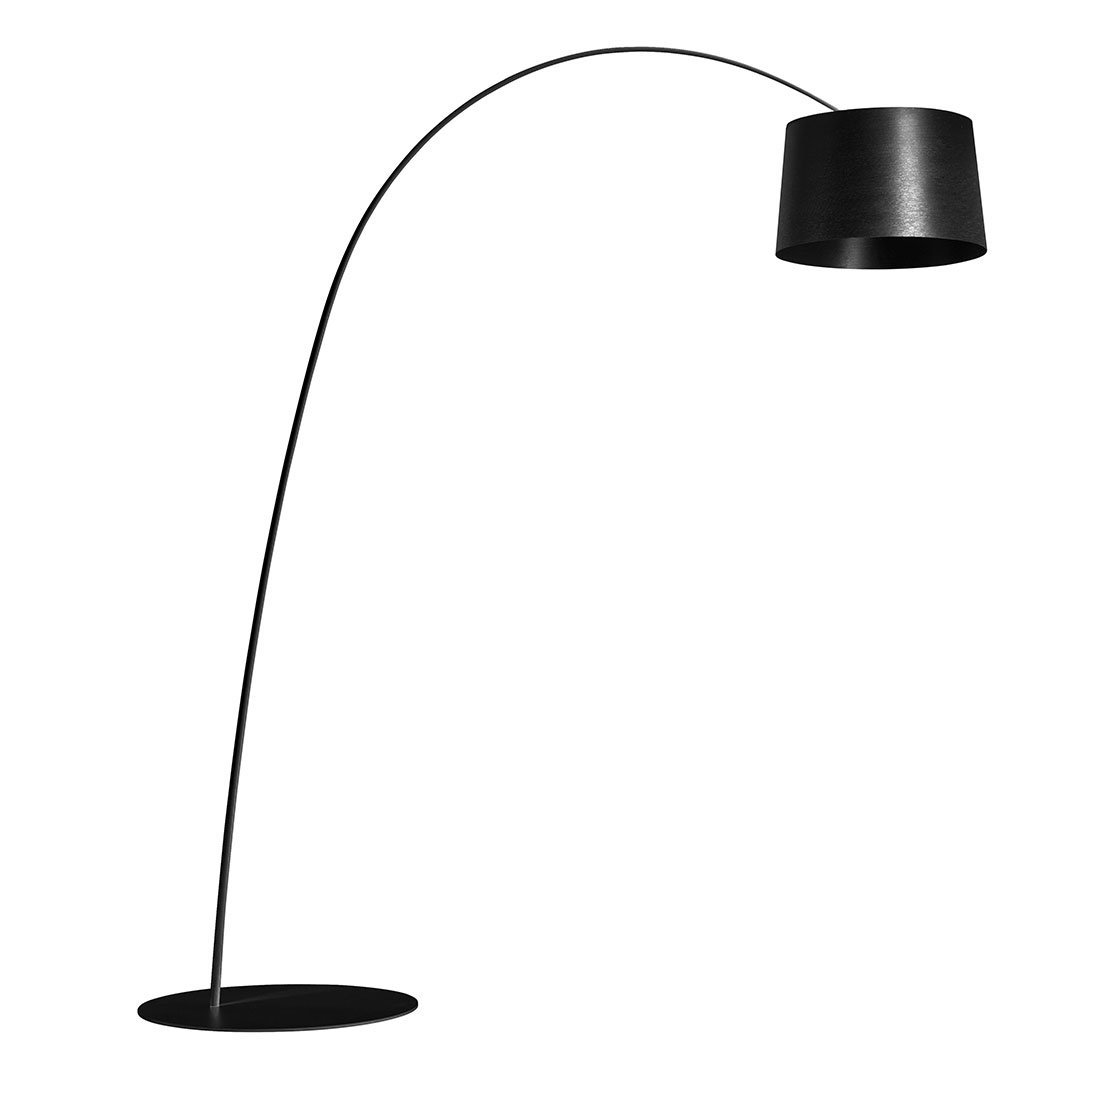 Foscarini Twiggy Vloerlamp Zwart